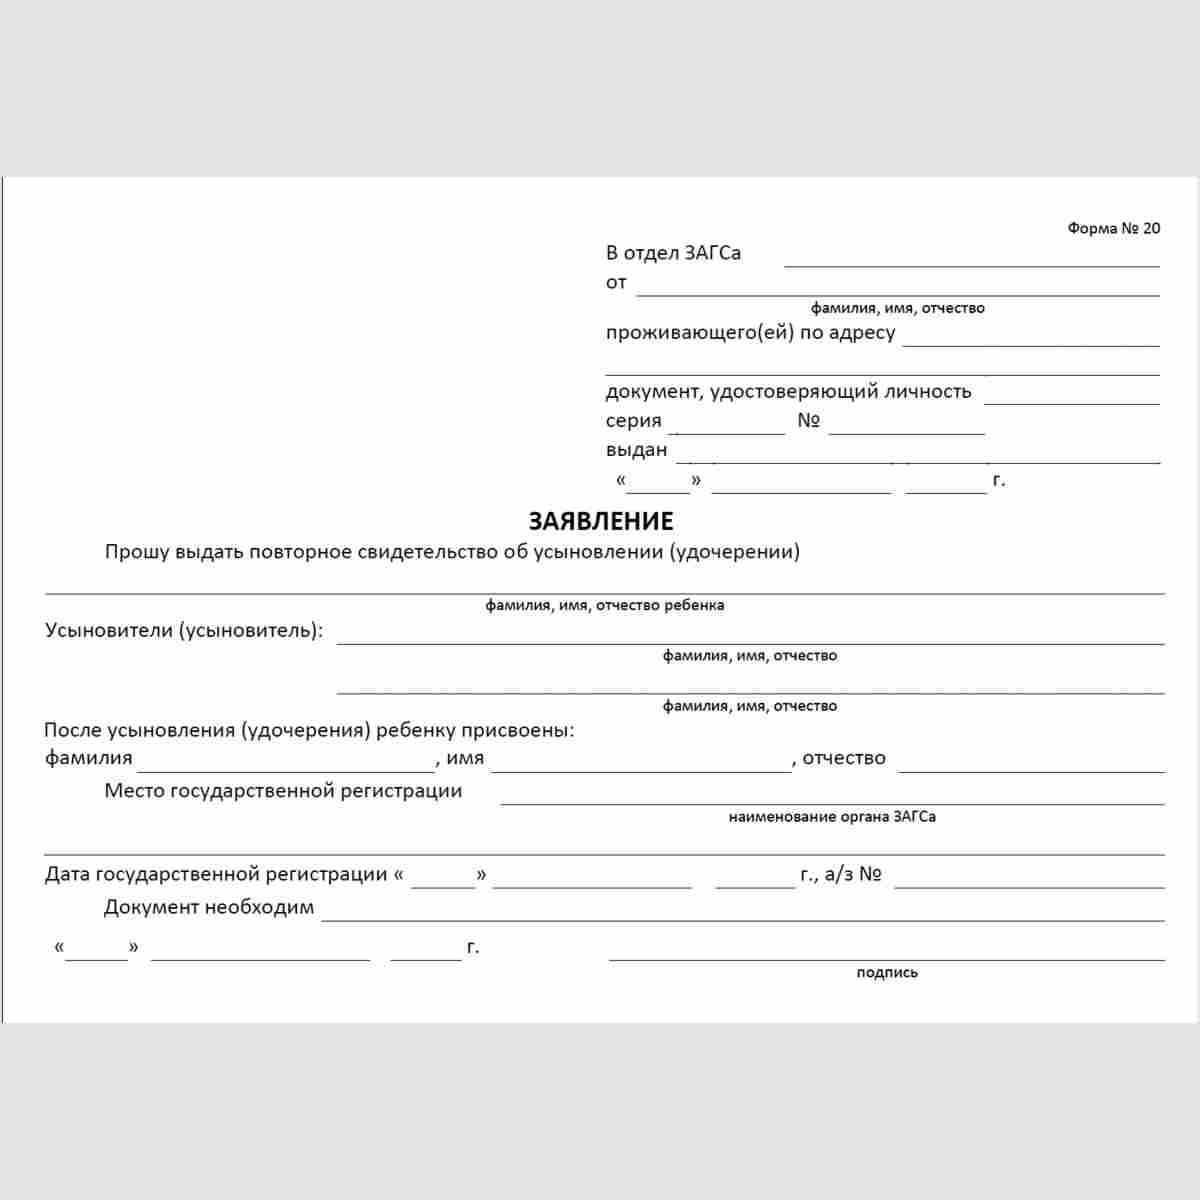 """Форма №20 """"Заявление о выдаче повторного свидетельства об усыновлении (удочерении)"""""""